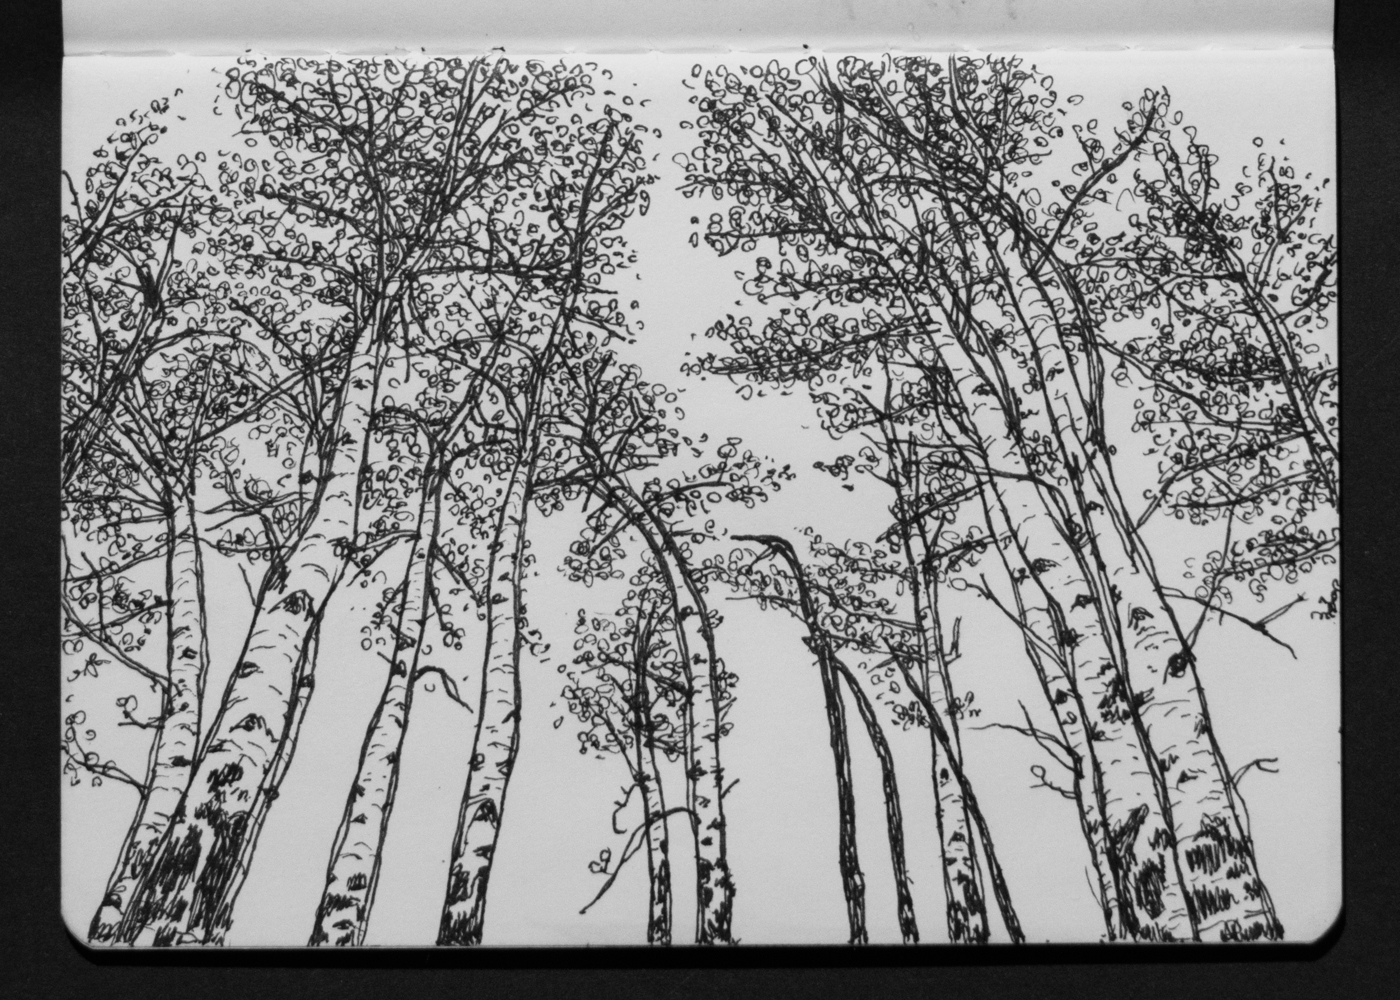 03-03 Backyard Aspen Grove.jpg